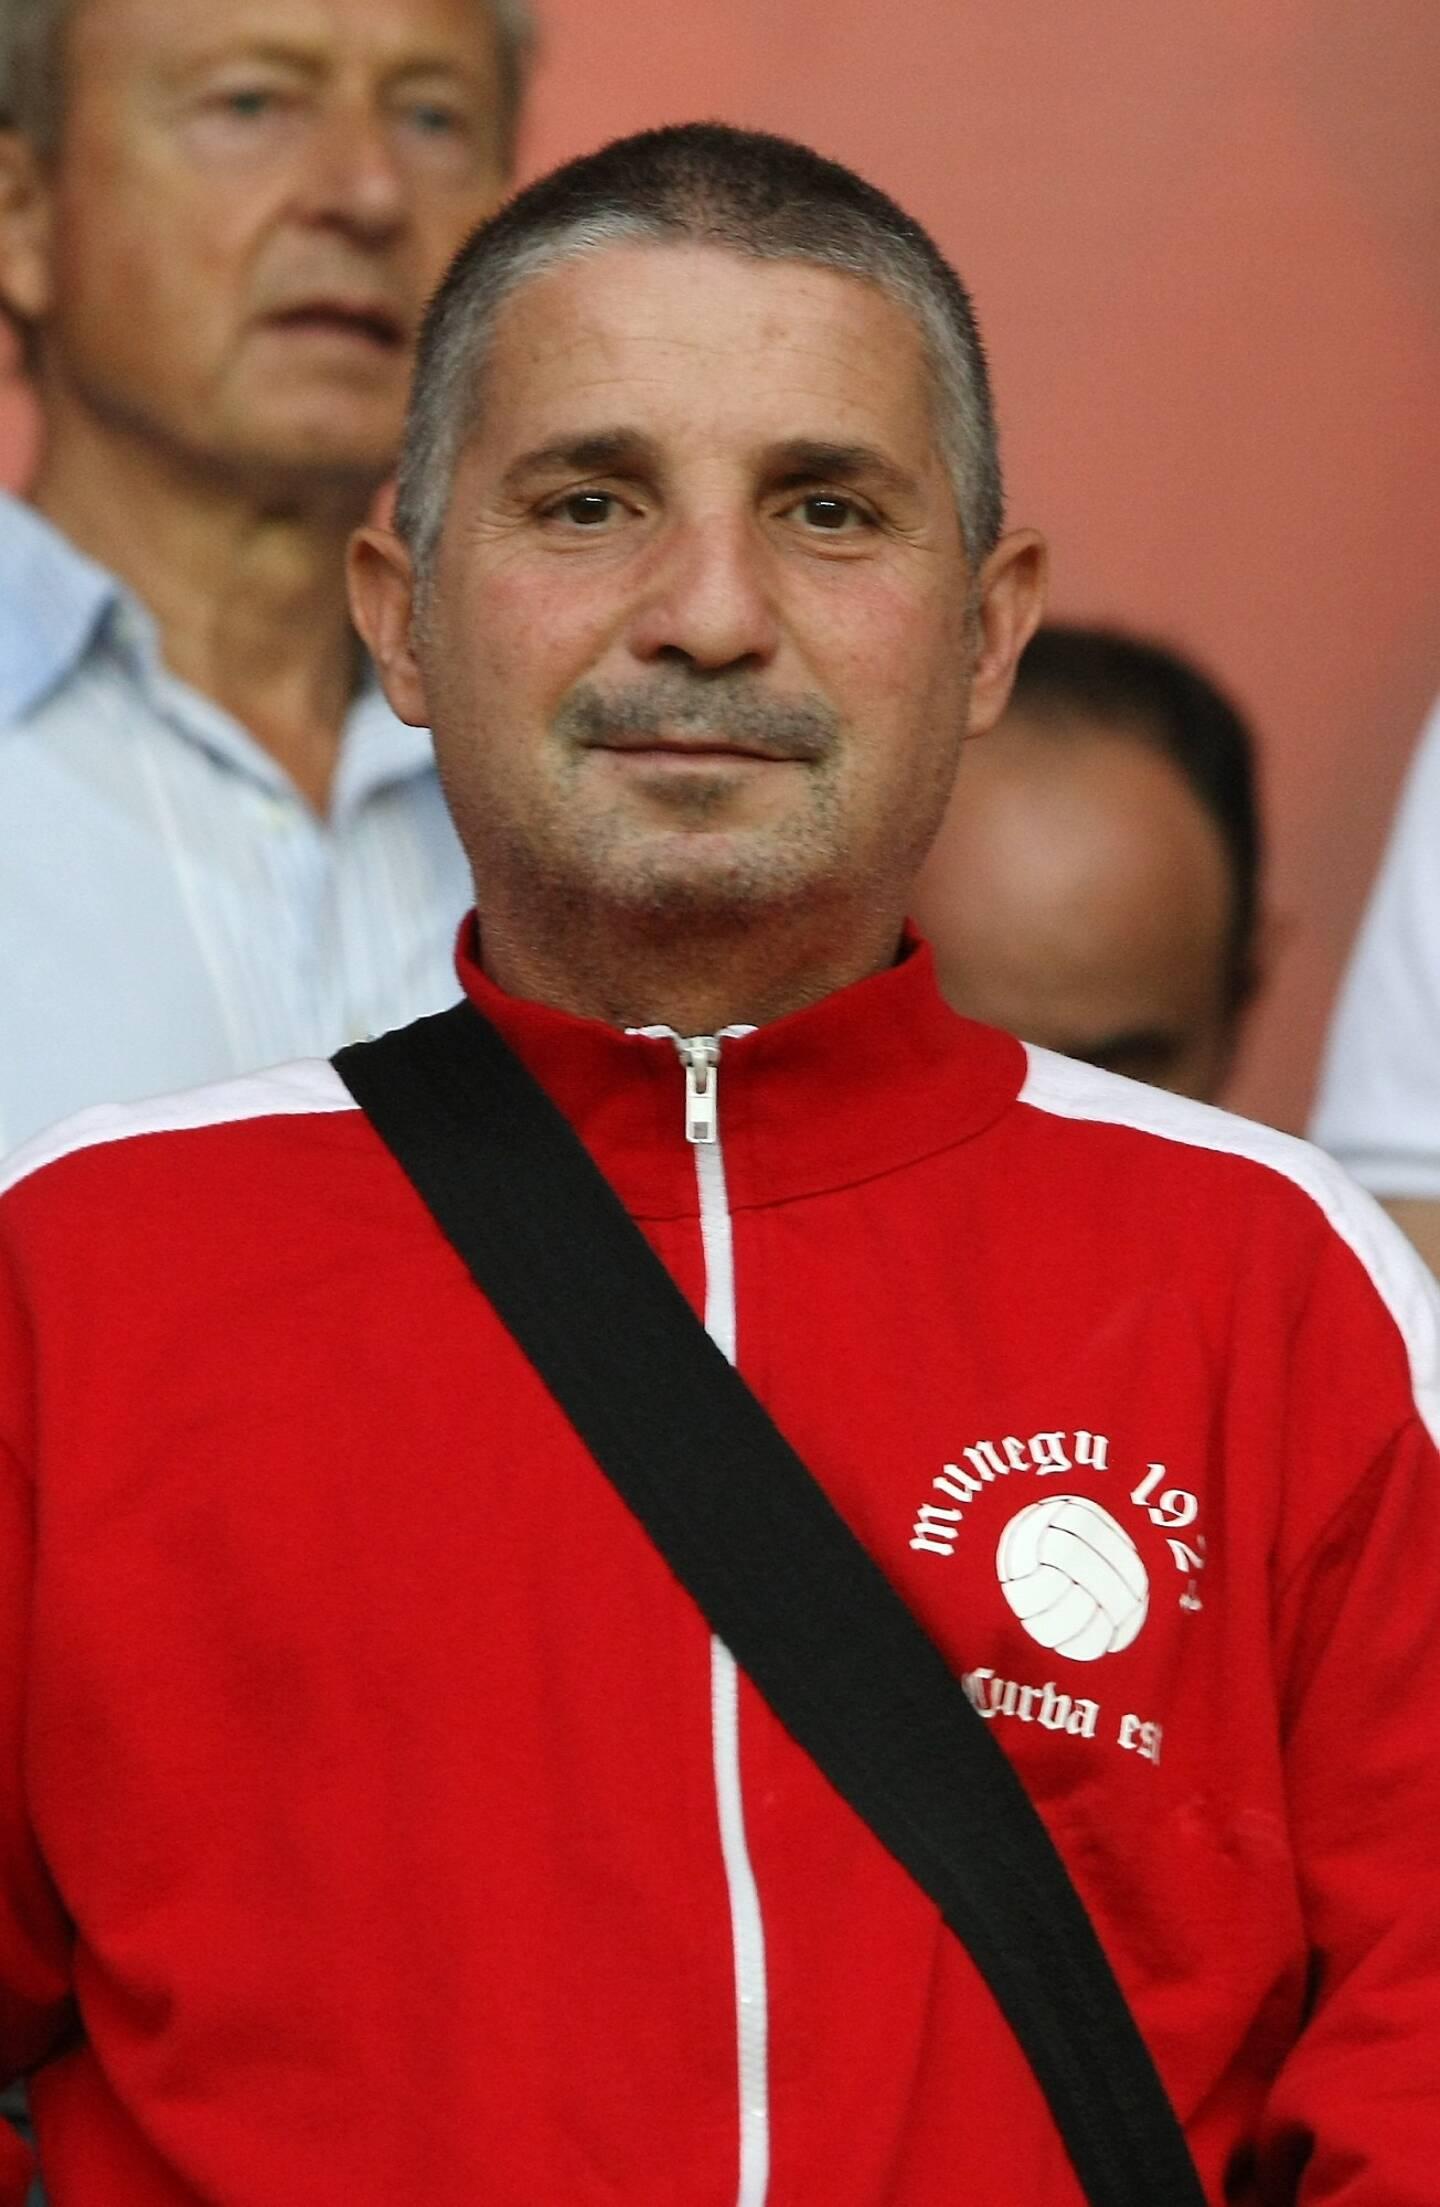 Jean-Paul Chaude s'est éteint ce dimanche soir. Il était le président du Club des supporters de Monaco depuis 2012.